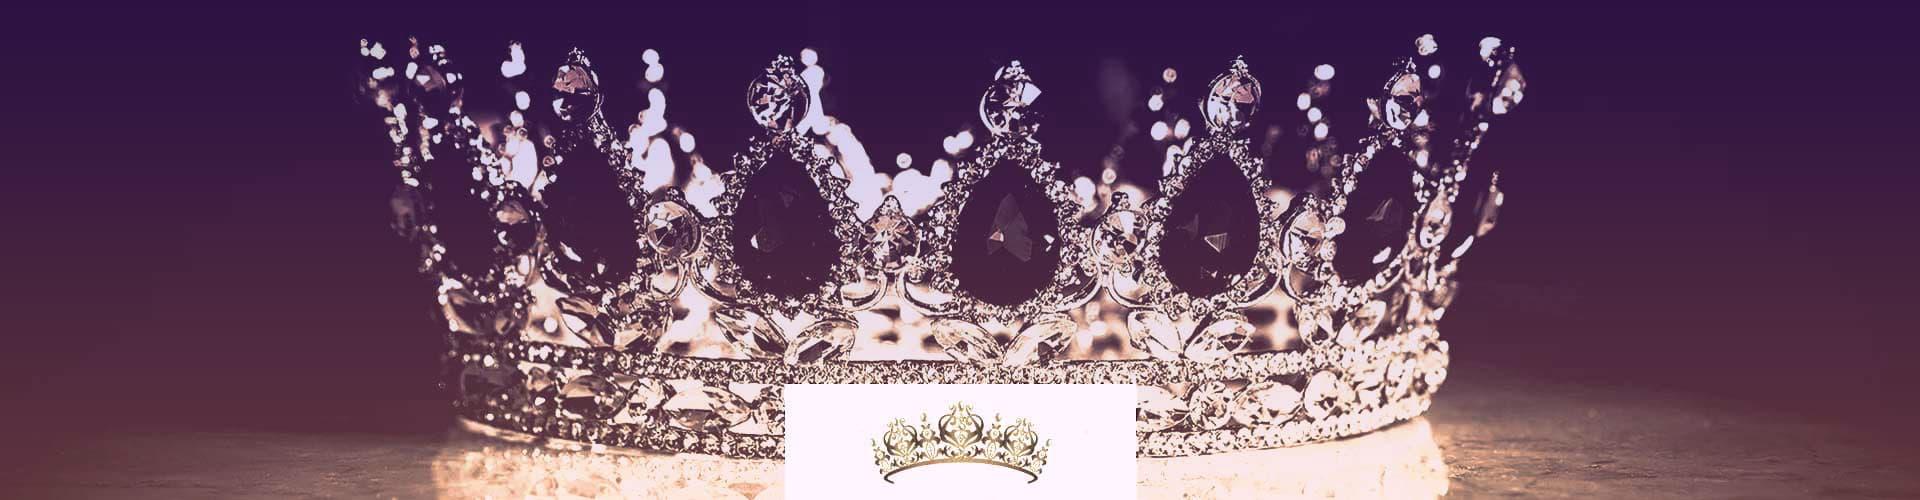 Diamond and sapphire tiara